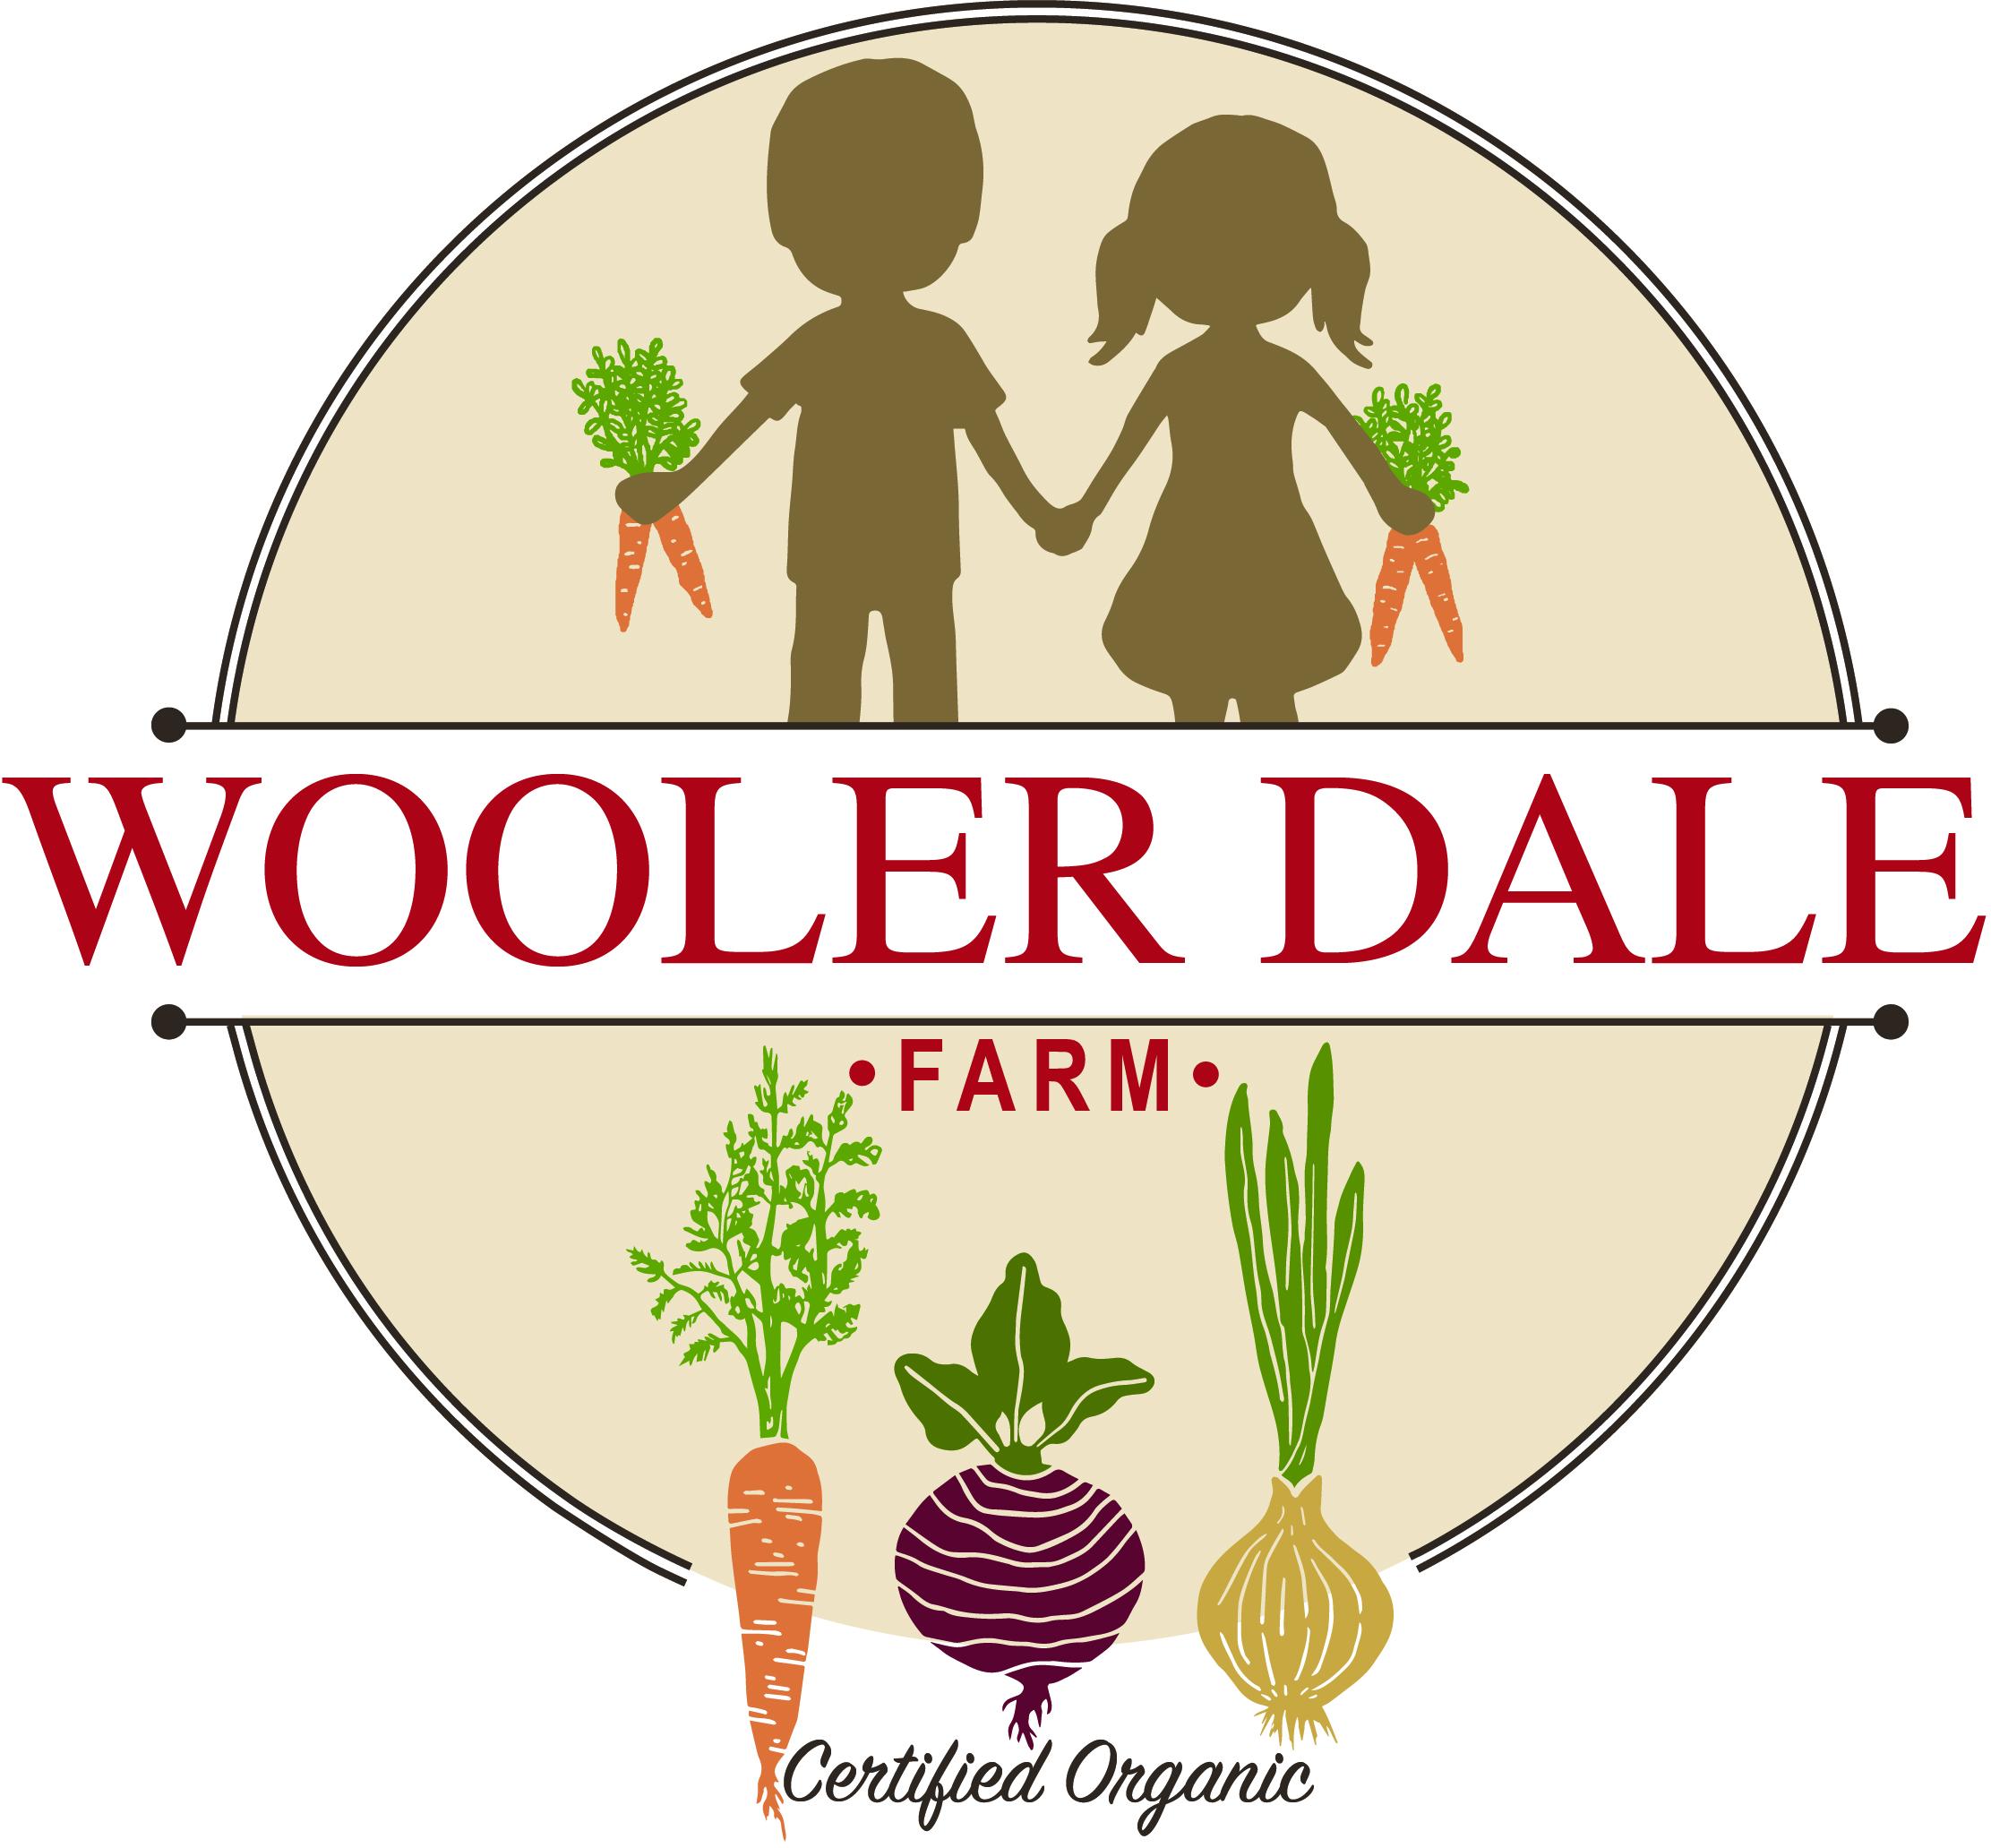 Wooler Dale Farm